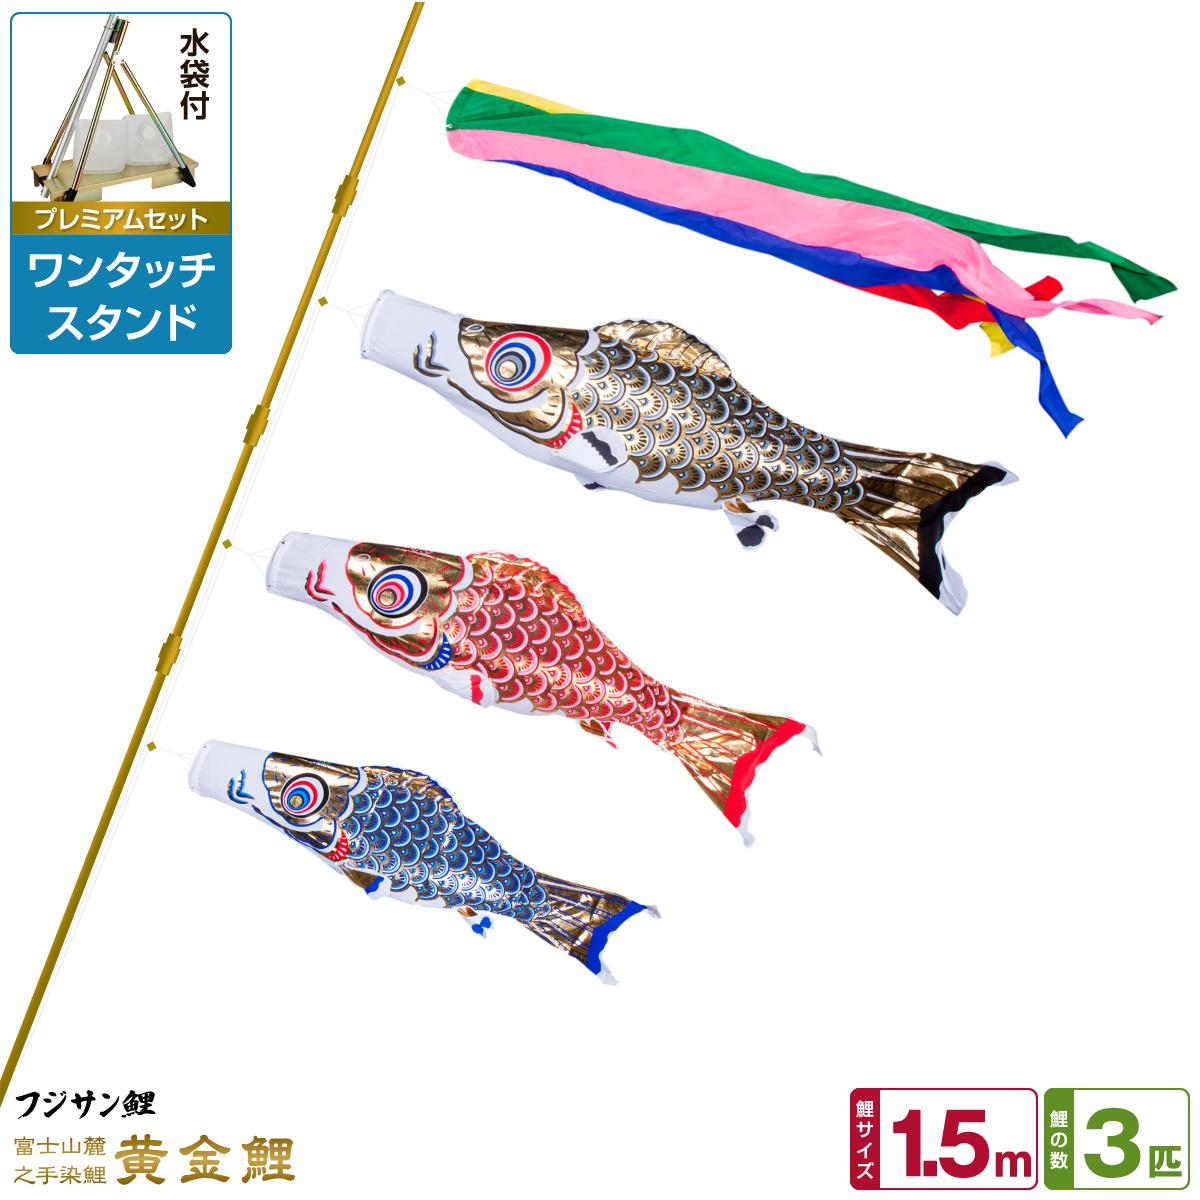 ベランダ用 こいのぼり 鯉のぼり フジサン鯉 黄金鯉 1.5m 6点(吹流し+鯉3匹+矢車+ロープ)/プレミアムセット(ワンタッチスタンド)